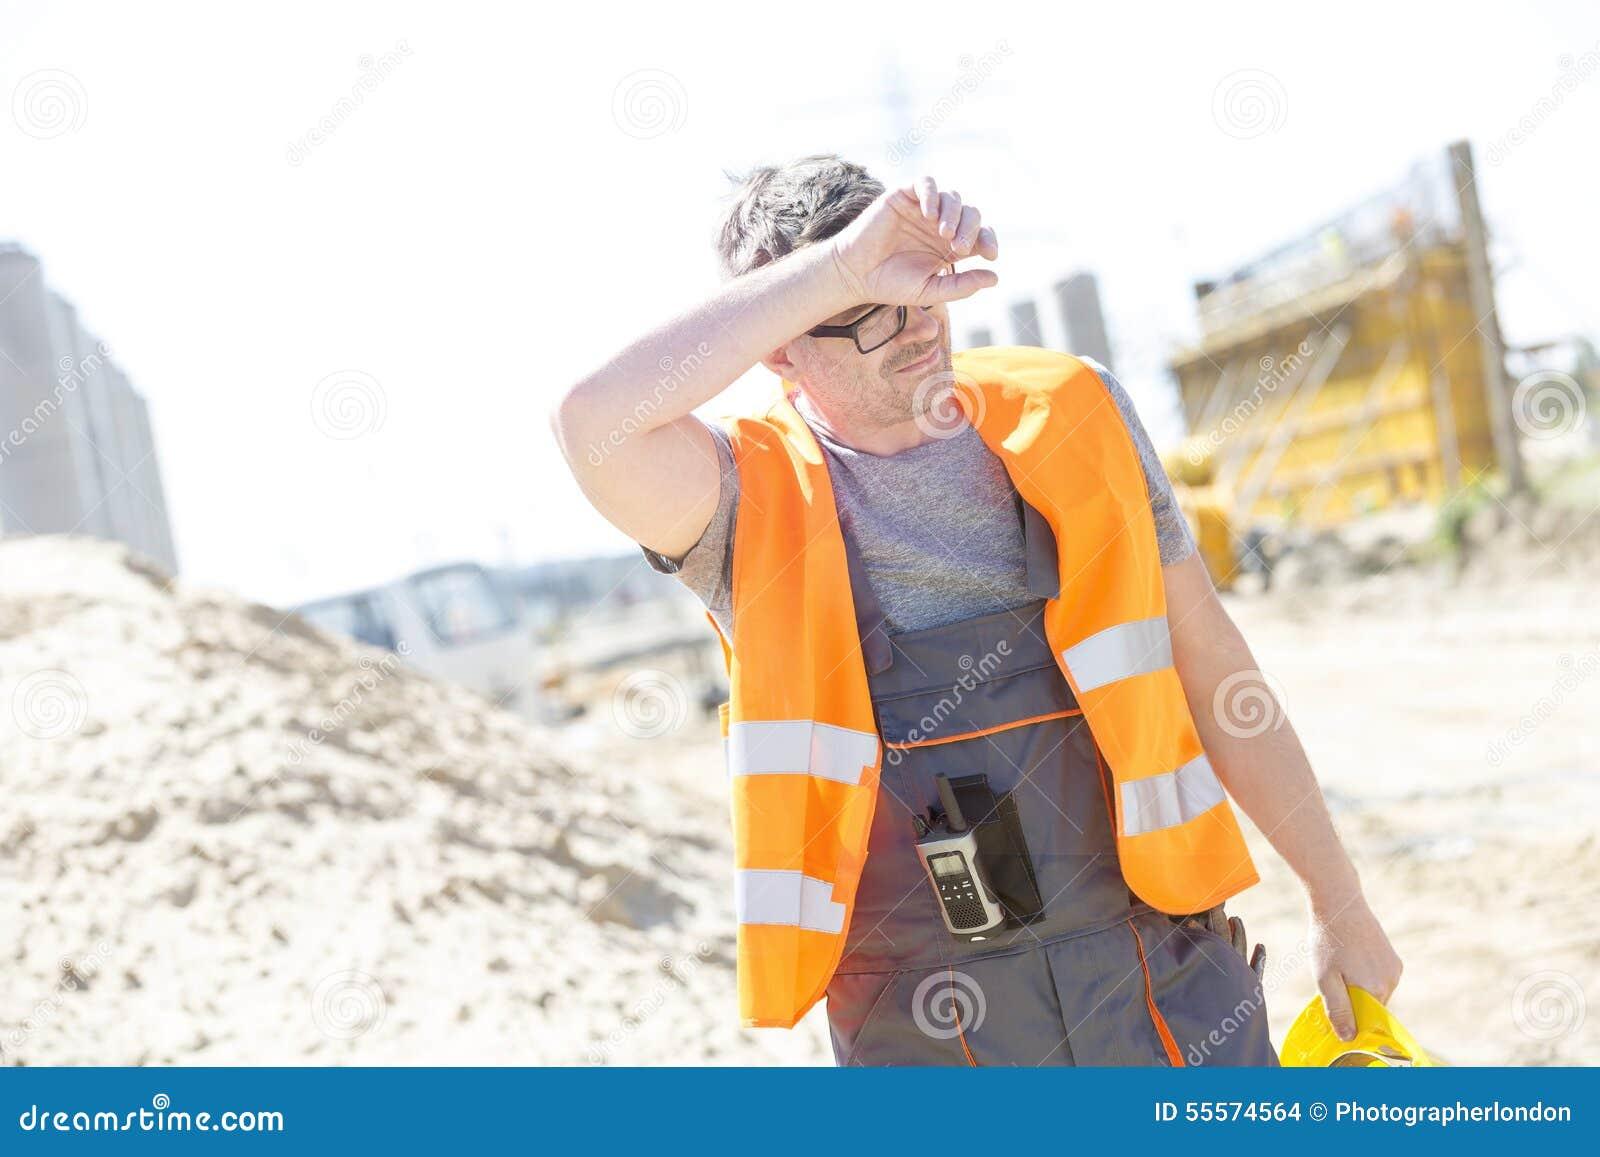 Zmęczony pracownika budowlanego obcierania czoło przy miejscem